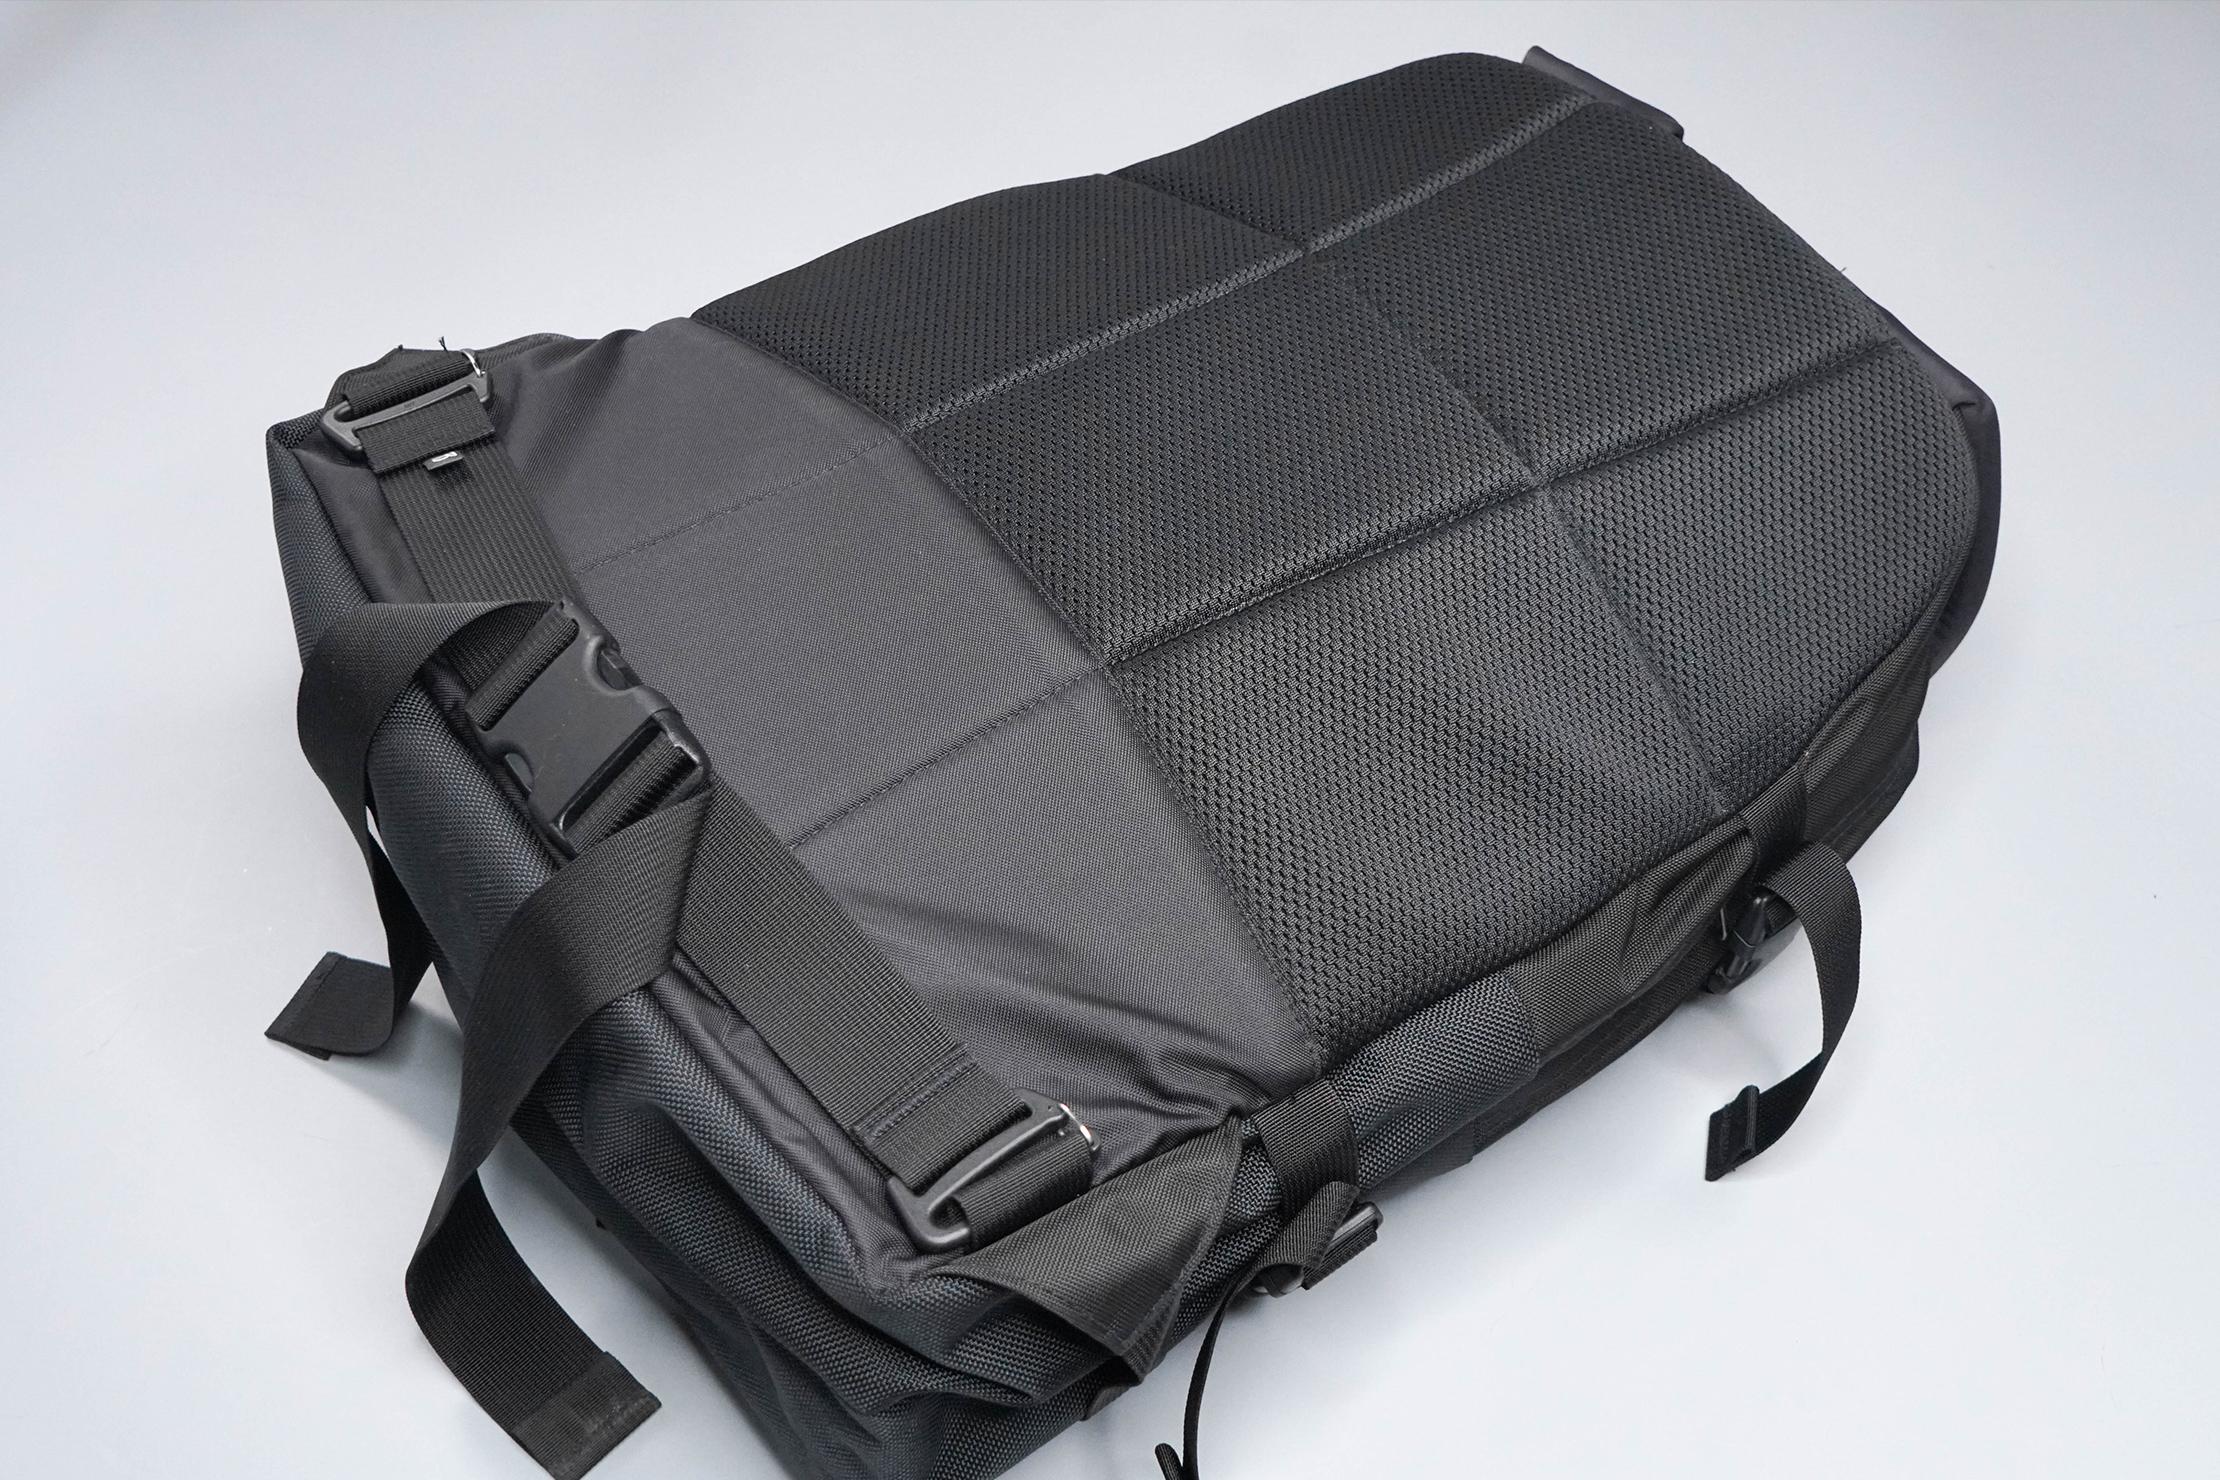 Tom Bihn Brain Bag Back Panel and Hip Belt